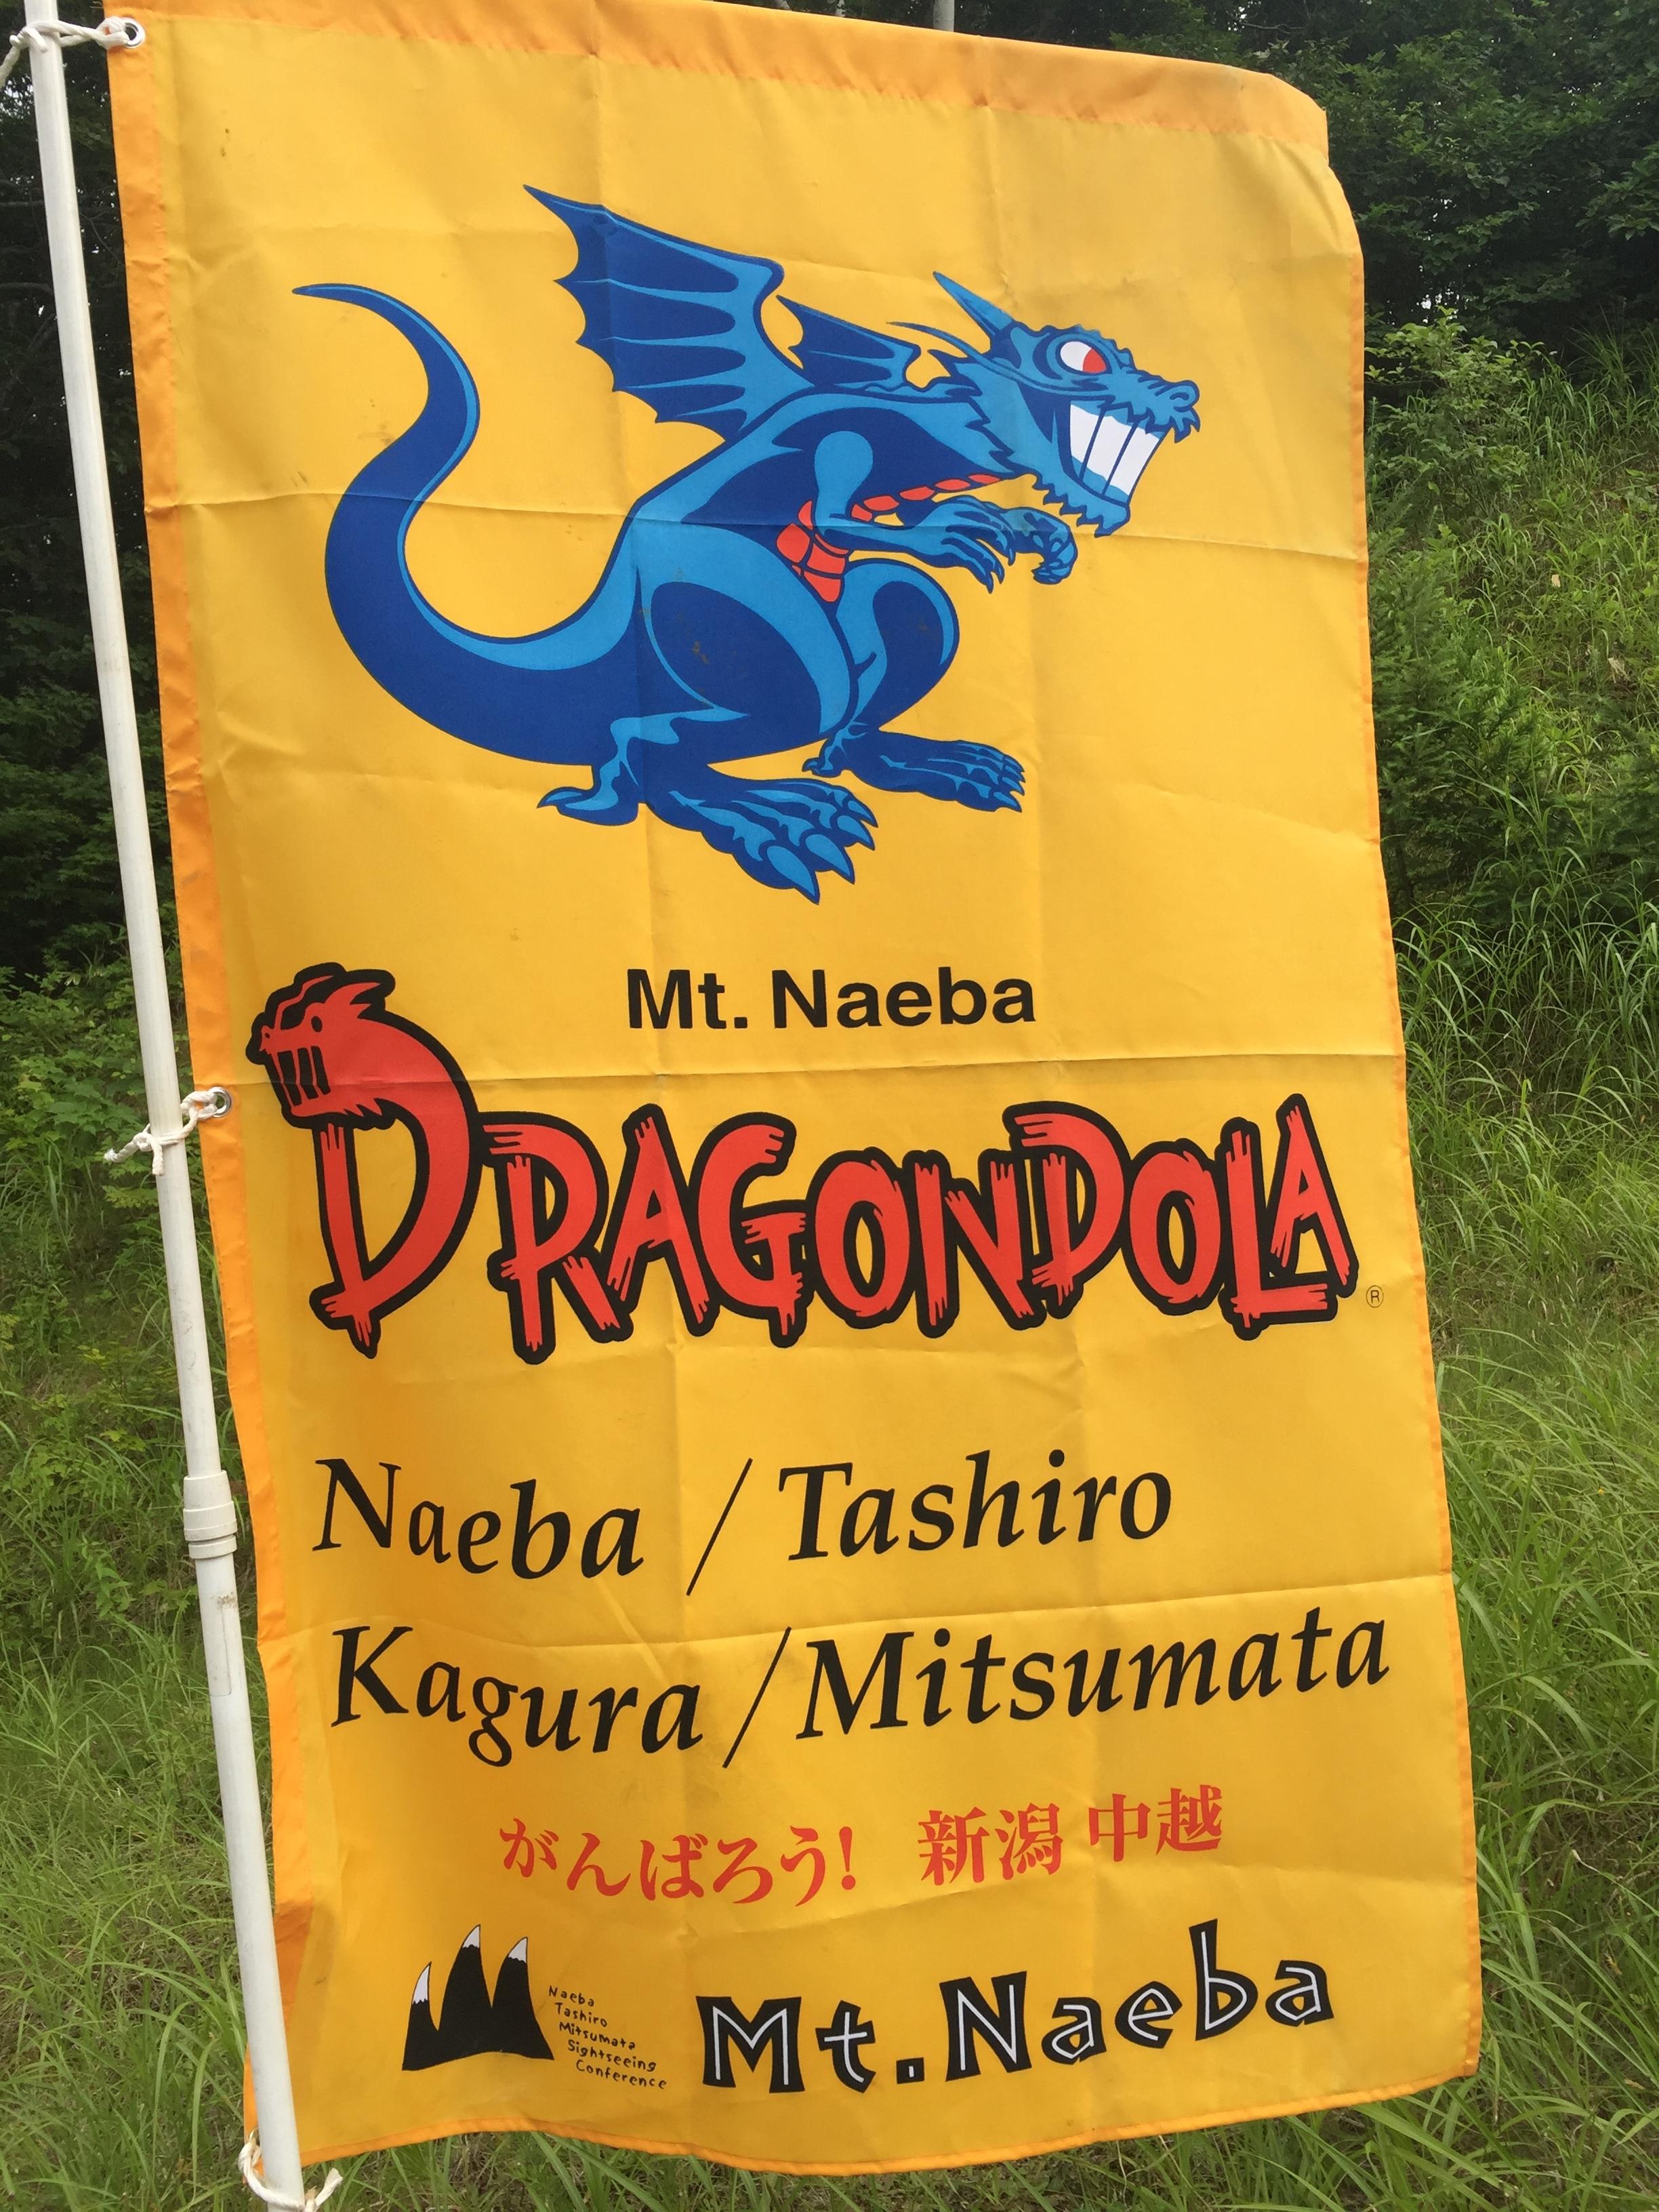 ドラゴンドラ